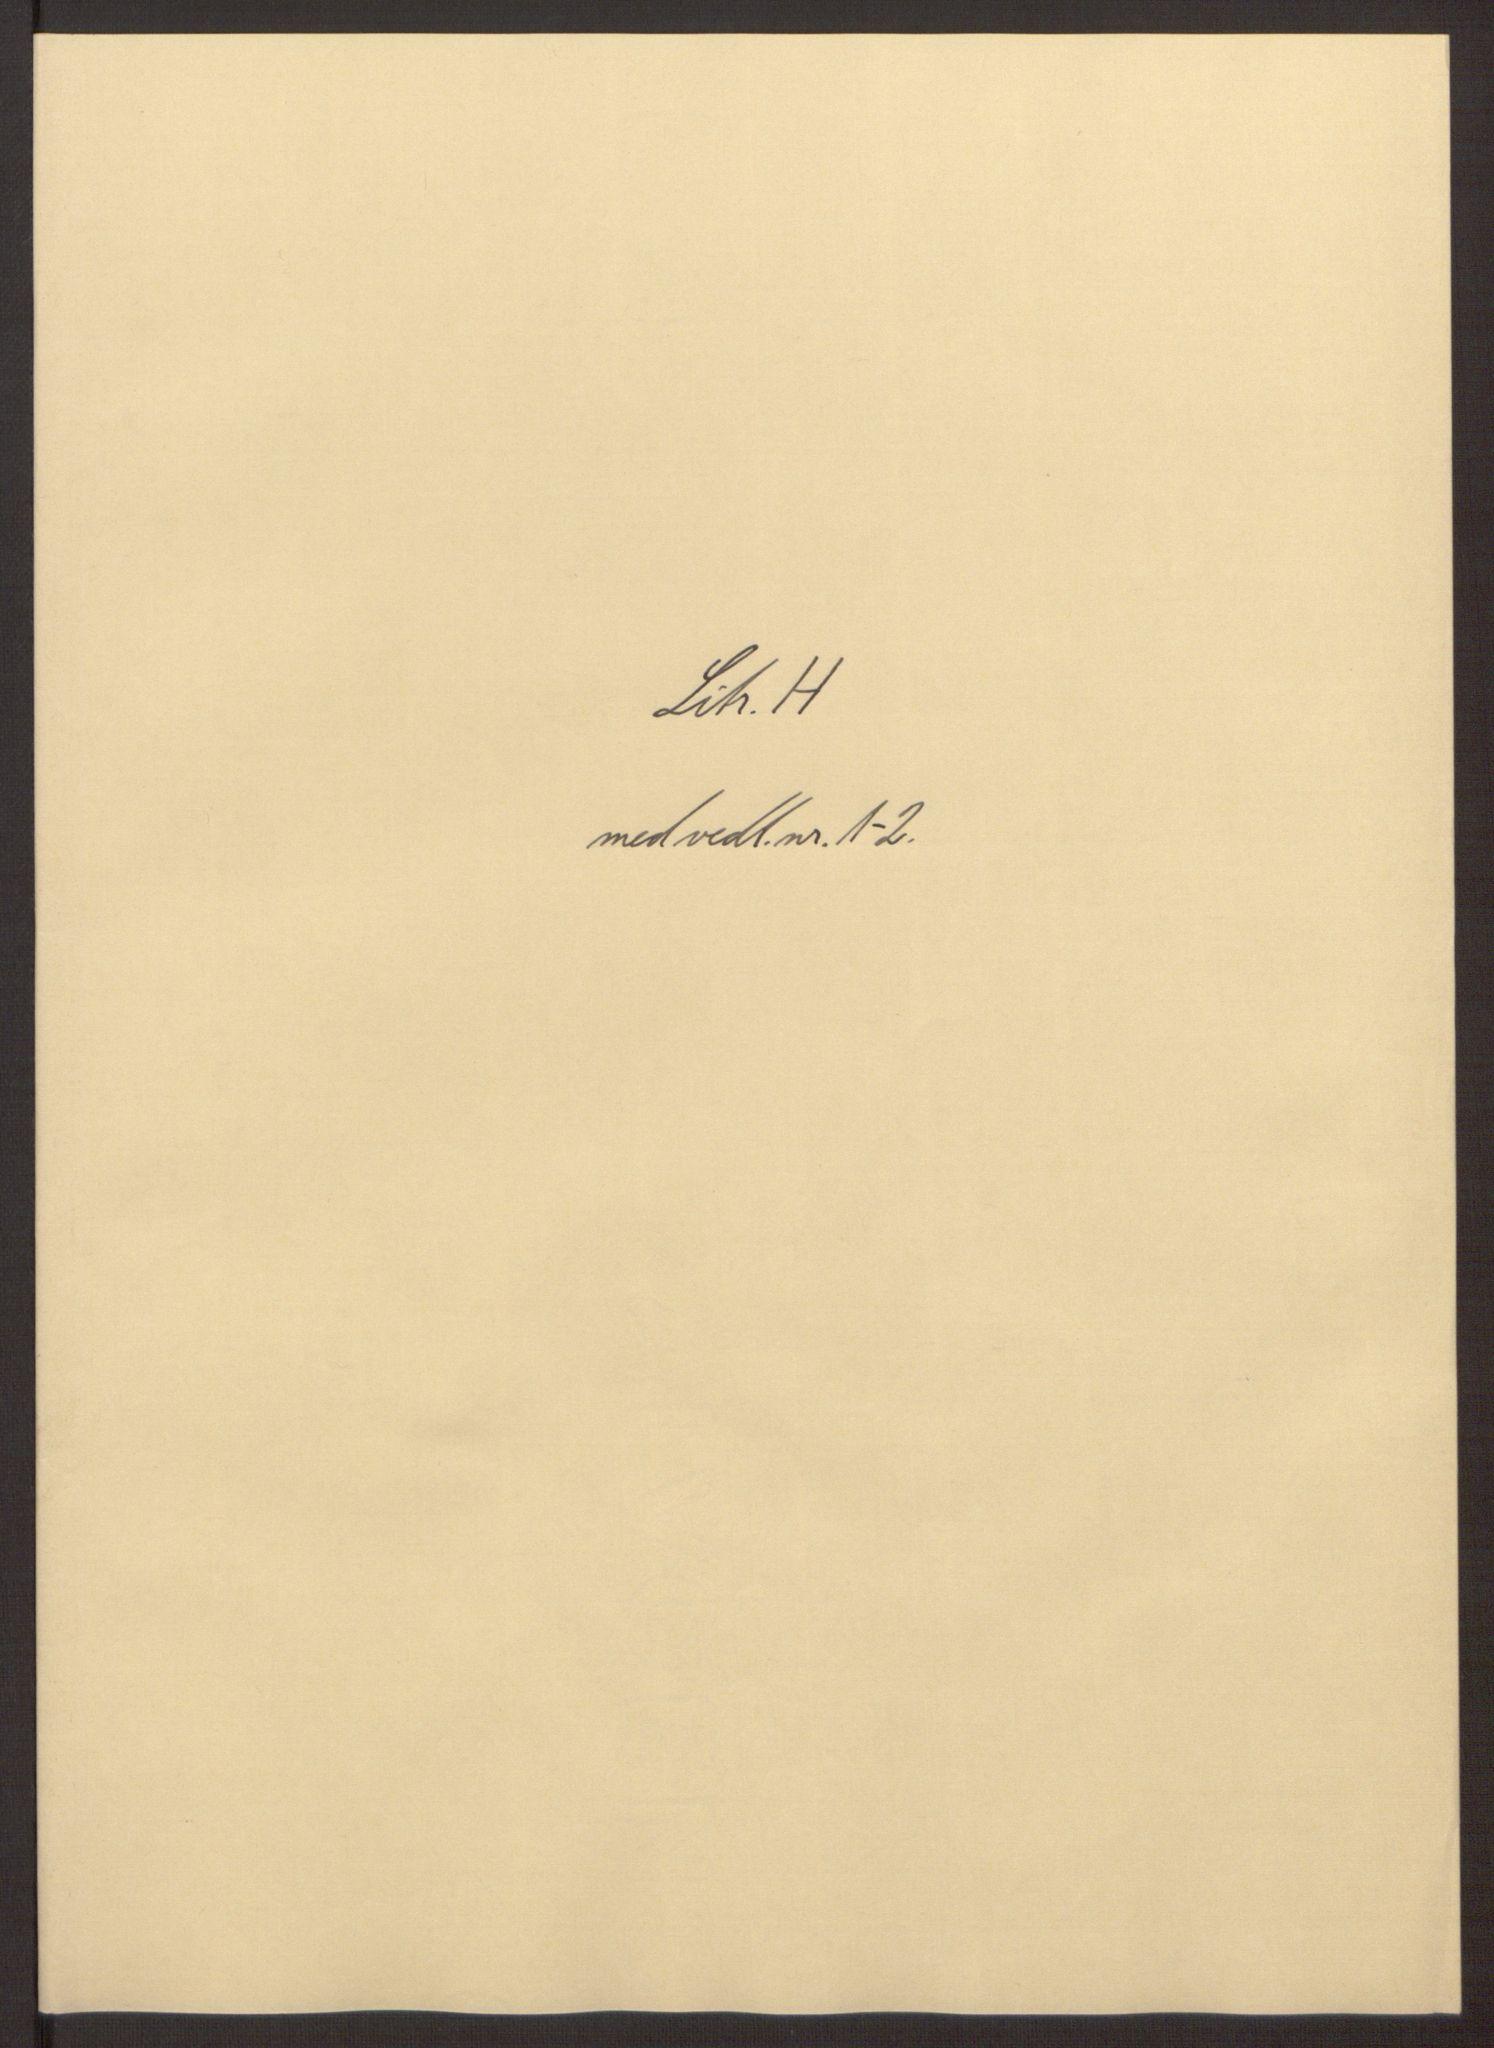 RA, Rentekammeret inntil 1814, Reviderte regnskaper, Fogderegnskap, R58/L3937: Fogderegnskap Orkdal, 1691-1692, s. 286